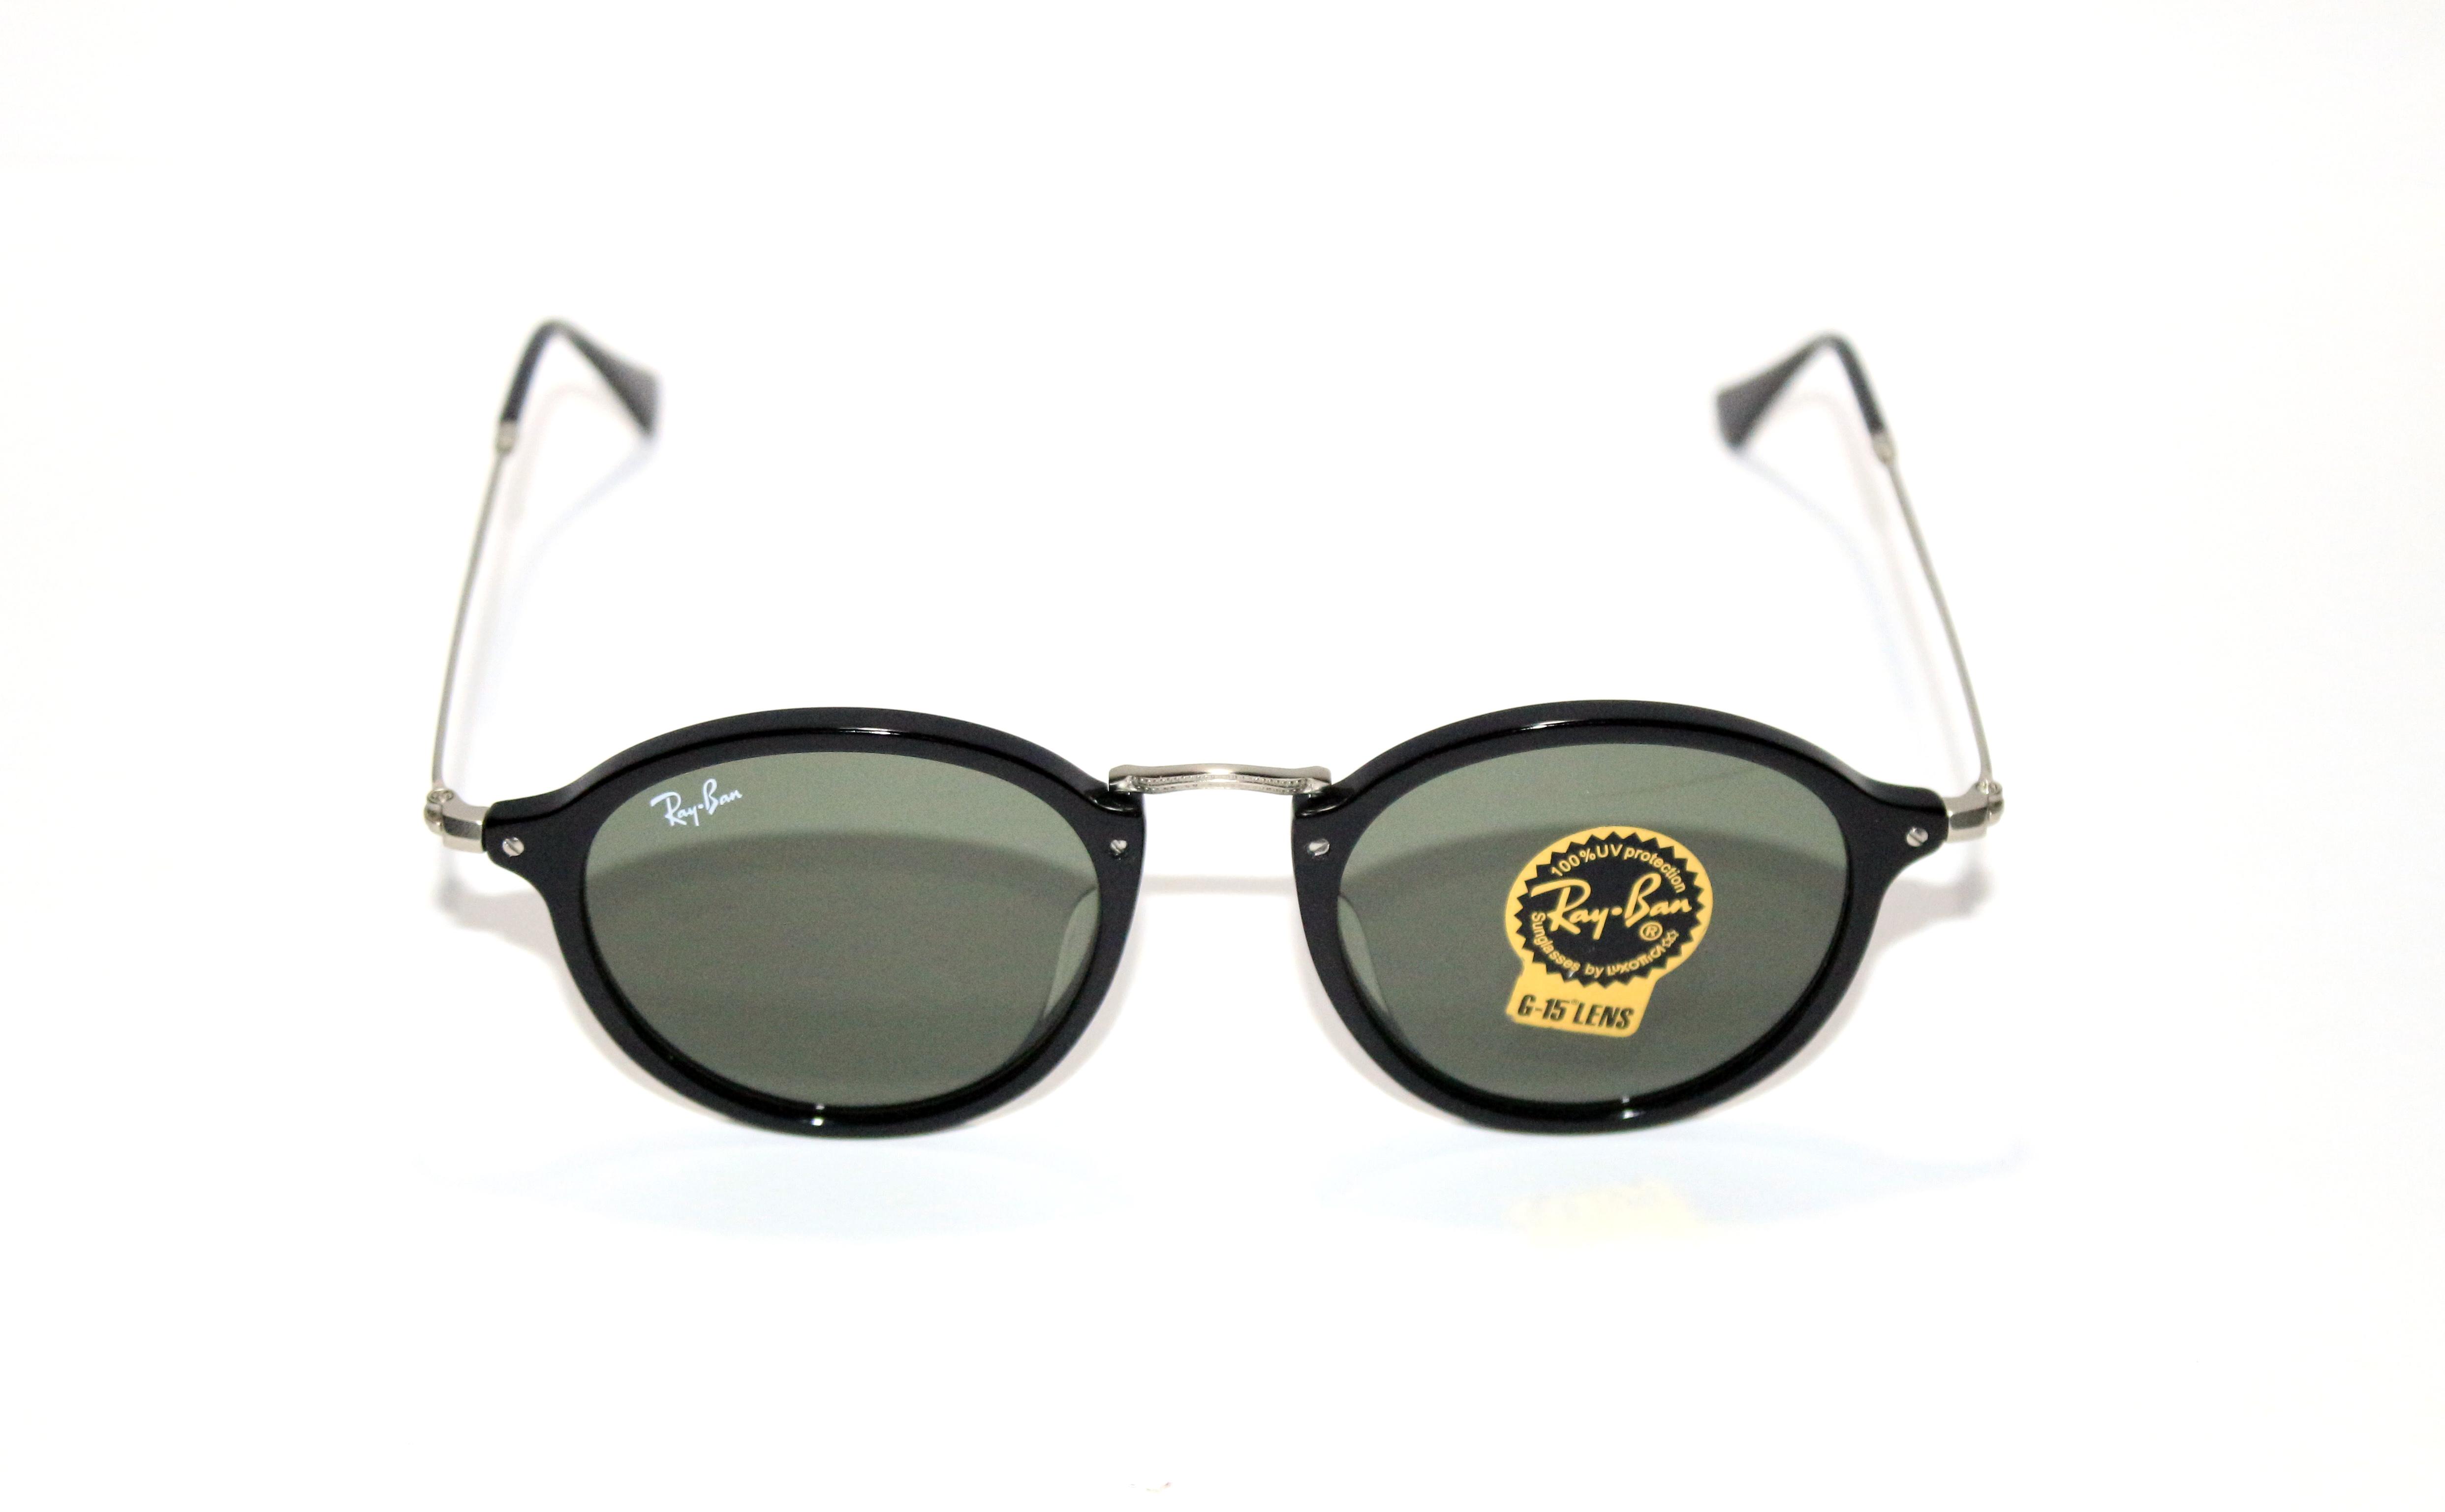 Продаютсяоригинальные очки Рей Бен цена снижена!